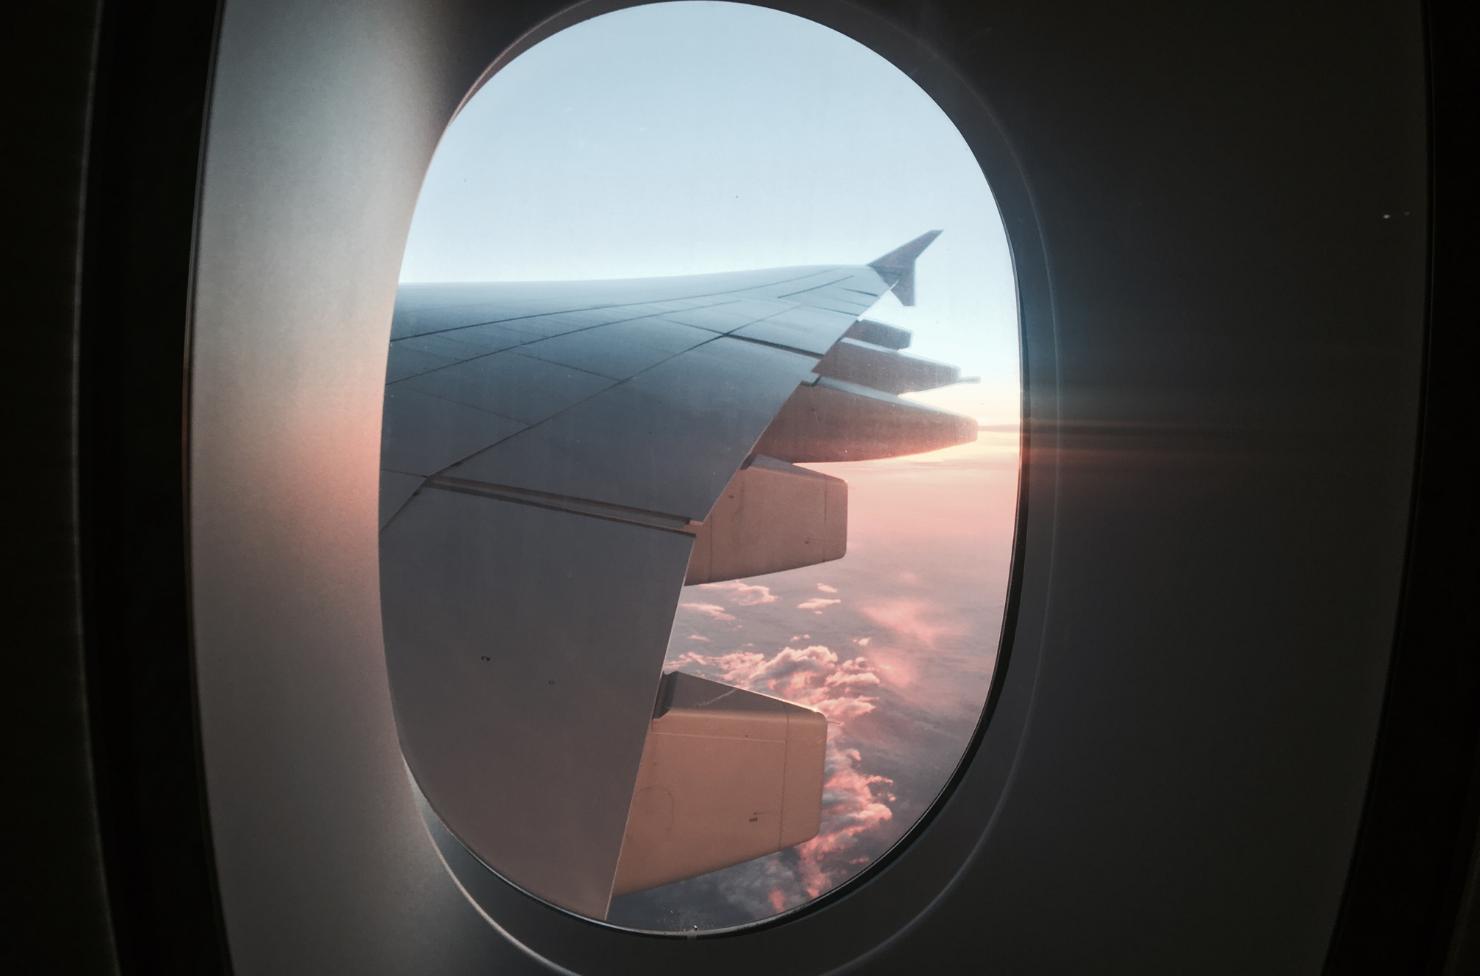 low budget vakantie, vliegtuig